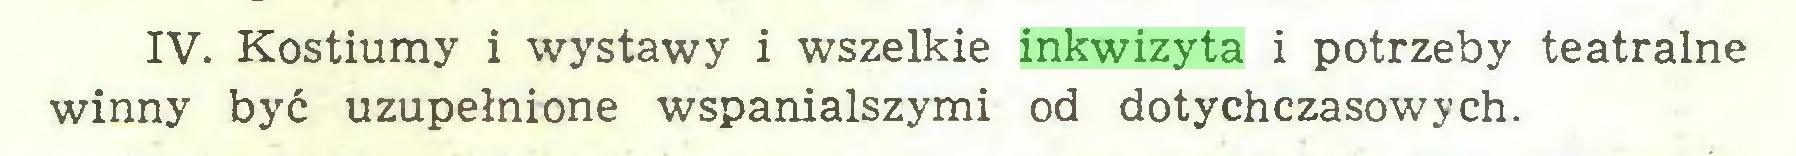 (...) IV. Kostiumy i wystawy i wszelkie inkwizyta i potrzeby teatralne winny być uzupełnione wspanialszymi od dotychczasowych...